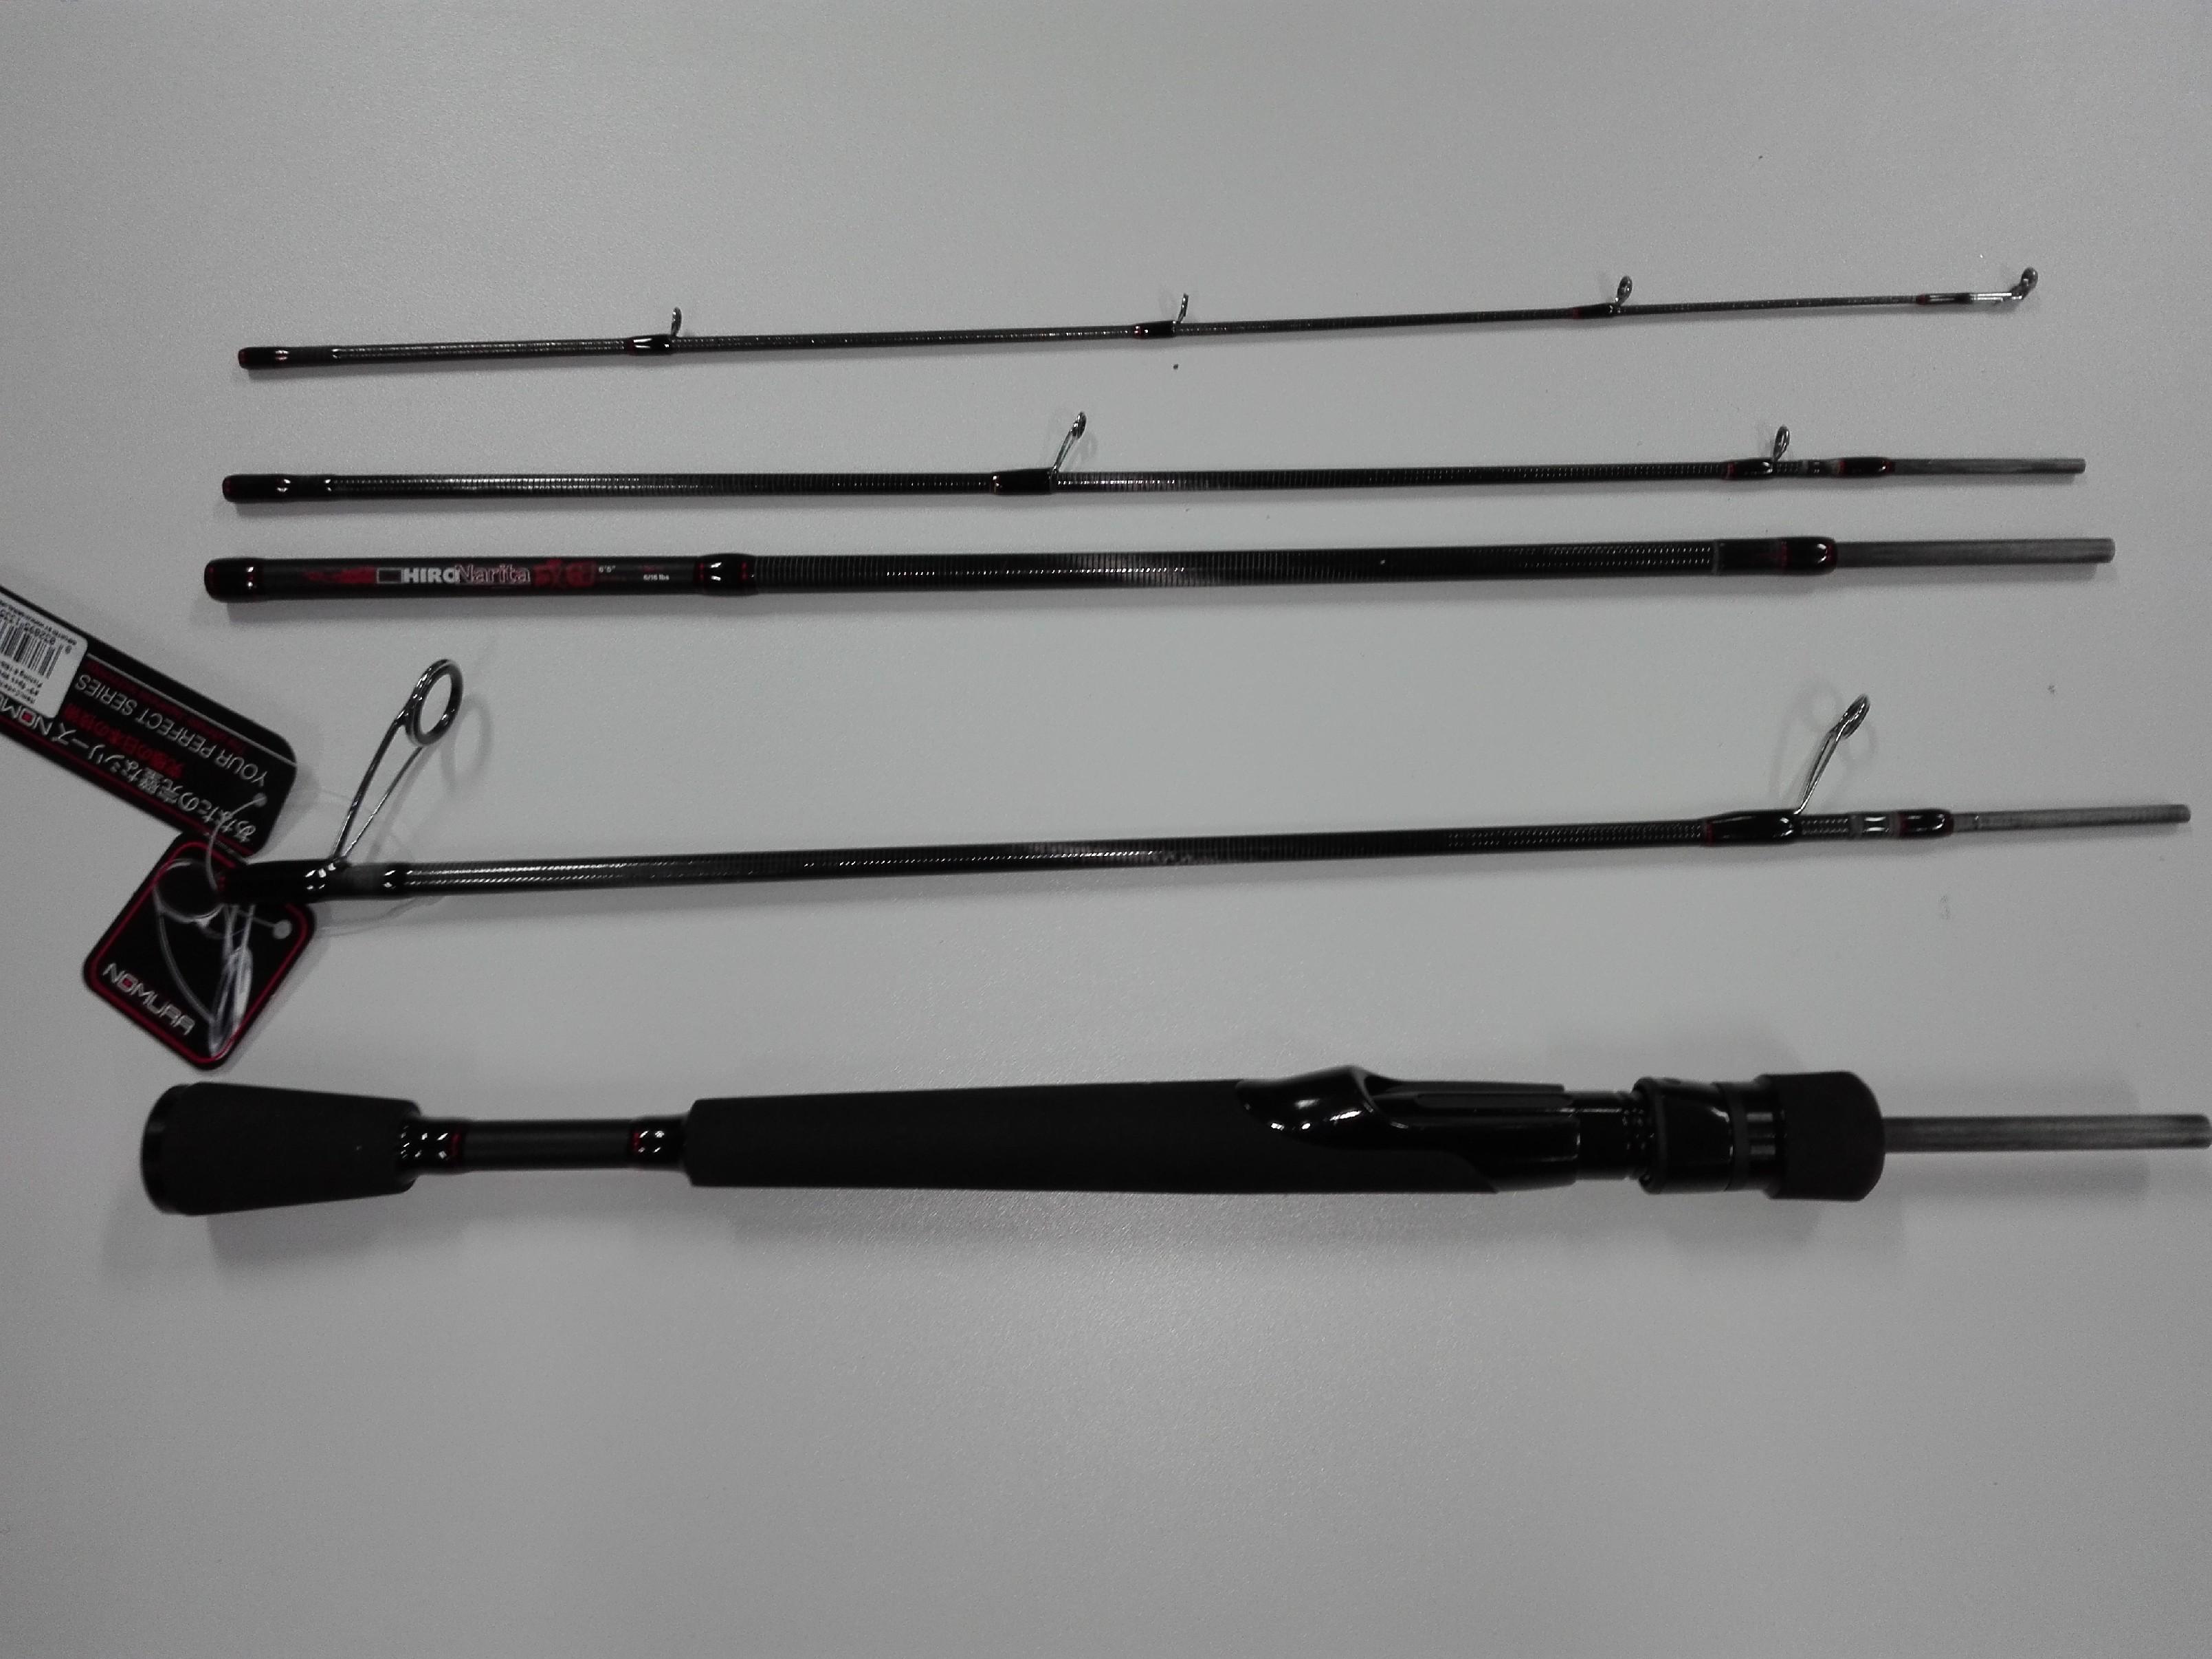 Cestovní přívlačový prut Nomura HIRO NARITA Gramáž: 20-50 gr, Počet dílů: 5, Délka prutu: 196 cm, Skladnost prutu: 44 cm, Váha prutu: 134 gr